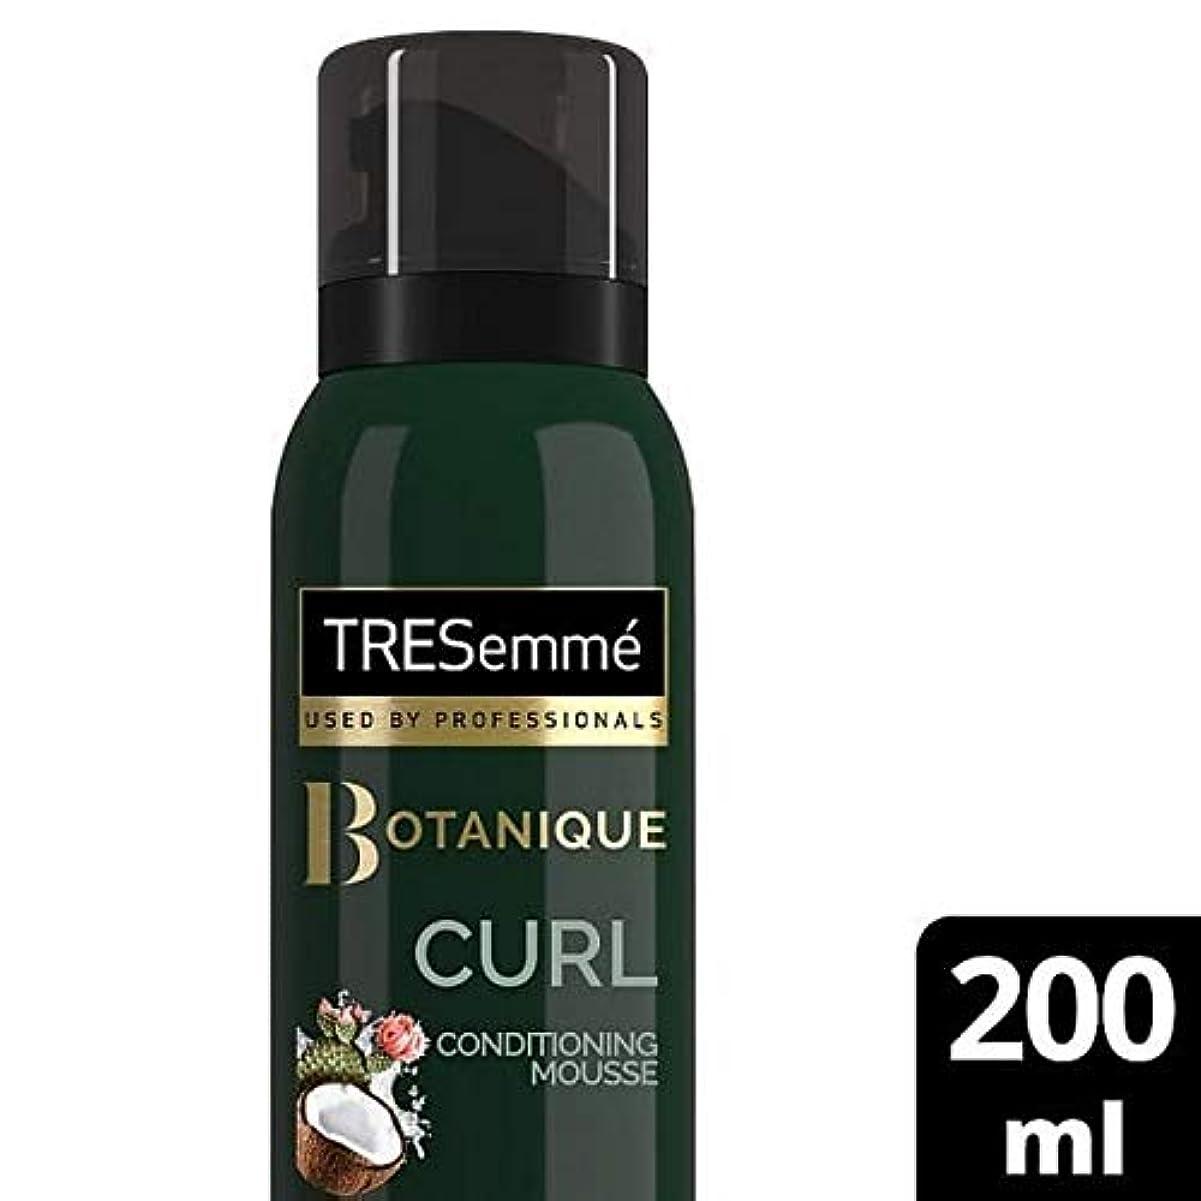 データ負同情的[Tresemme] Tresemmeカールコンディショニングムース20ミリリットル - TRESemme Curl Conditioning Mousse 20ml [並行輸入品]